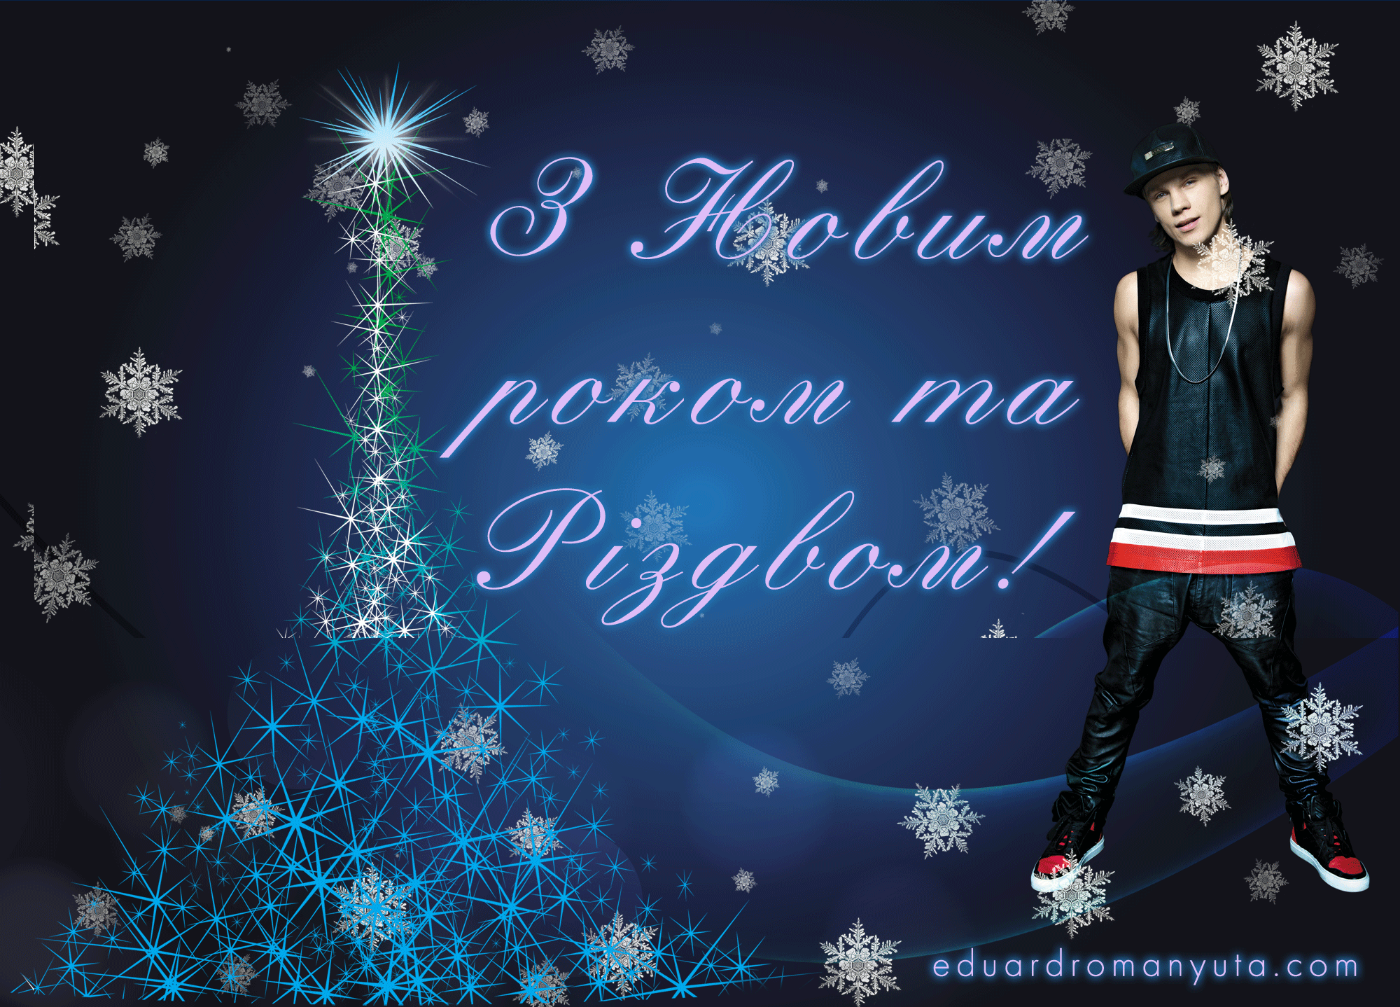 С Новым Годом и Рождеством, друзья!